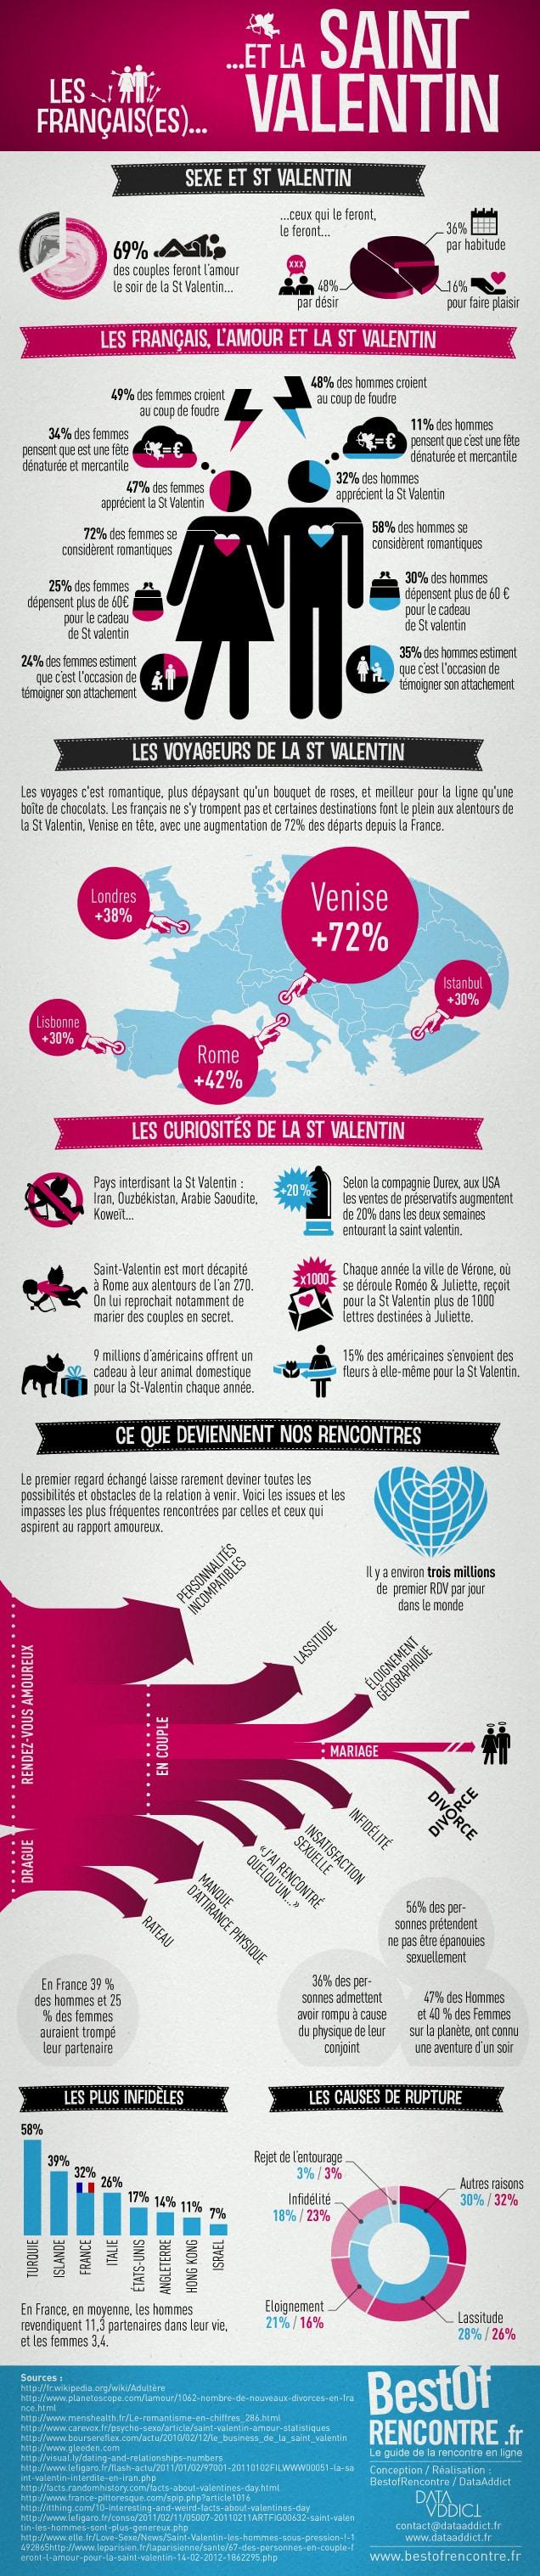 La St Valentin et les Français